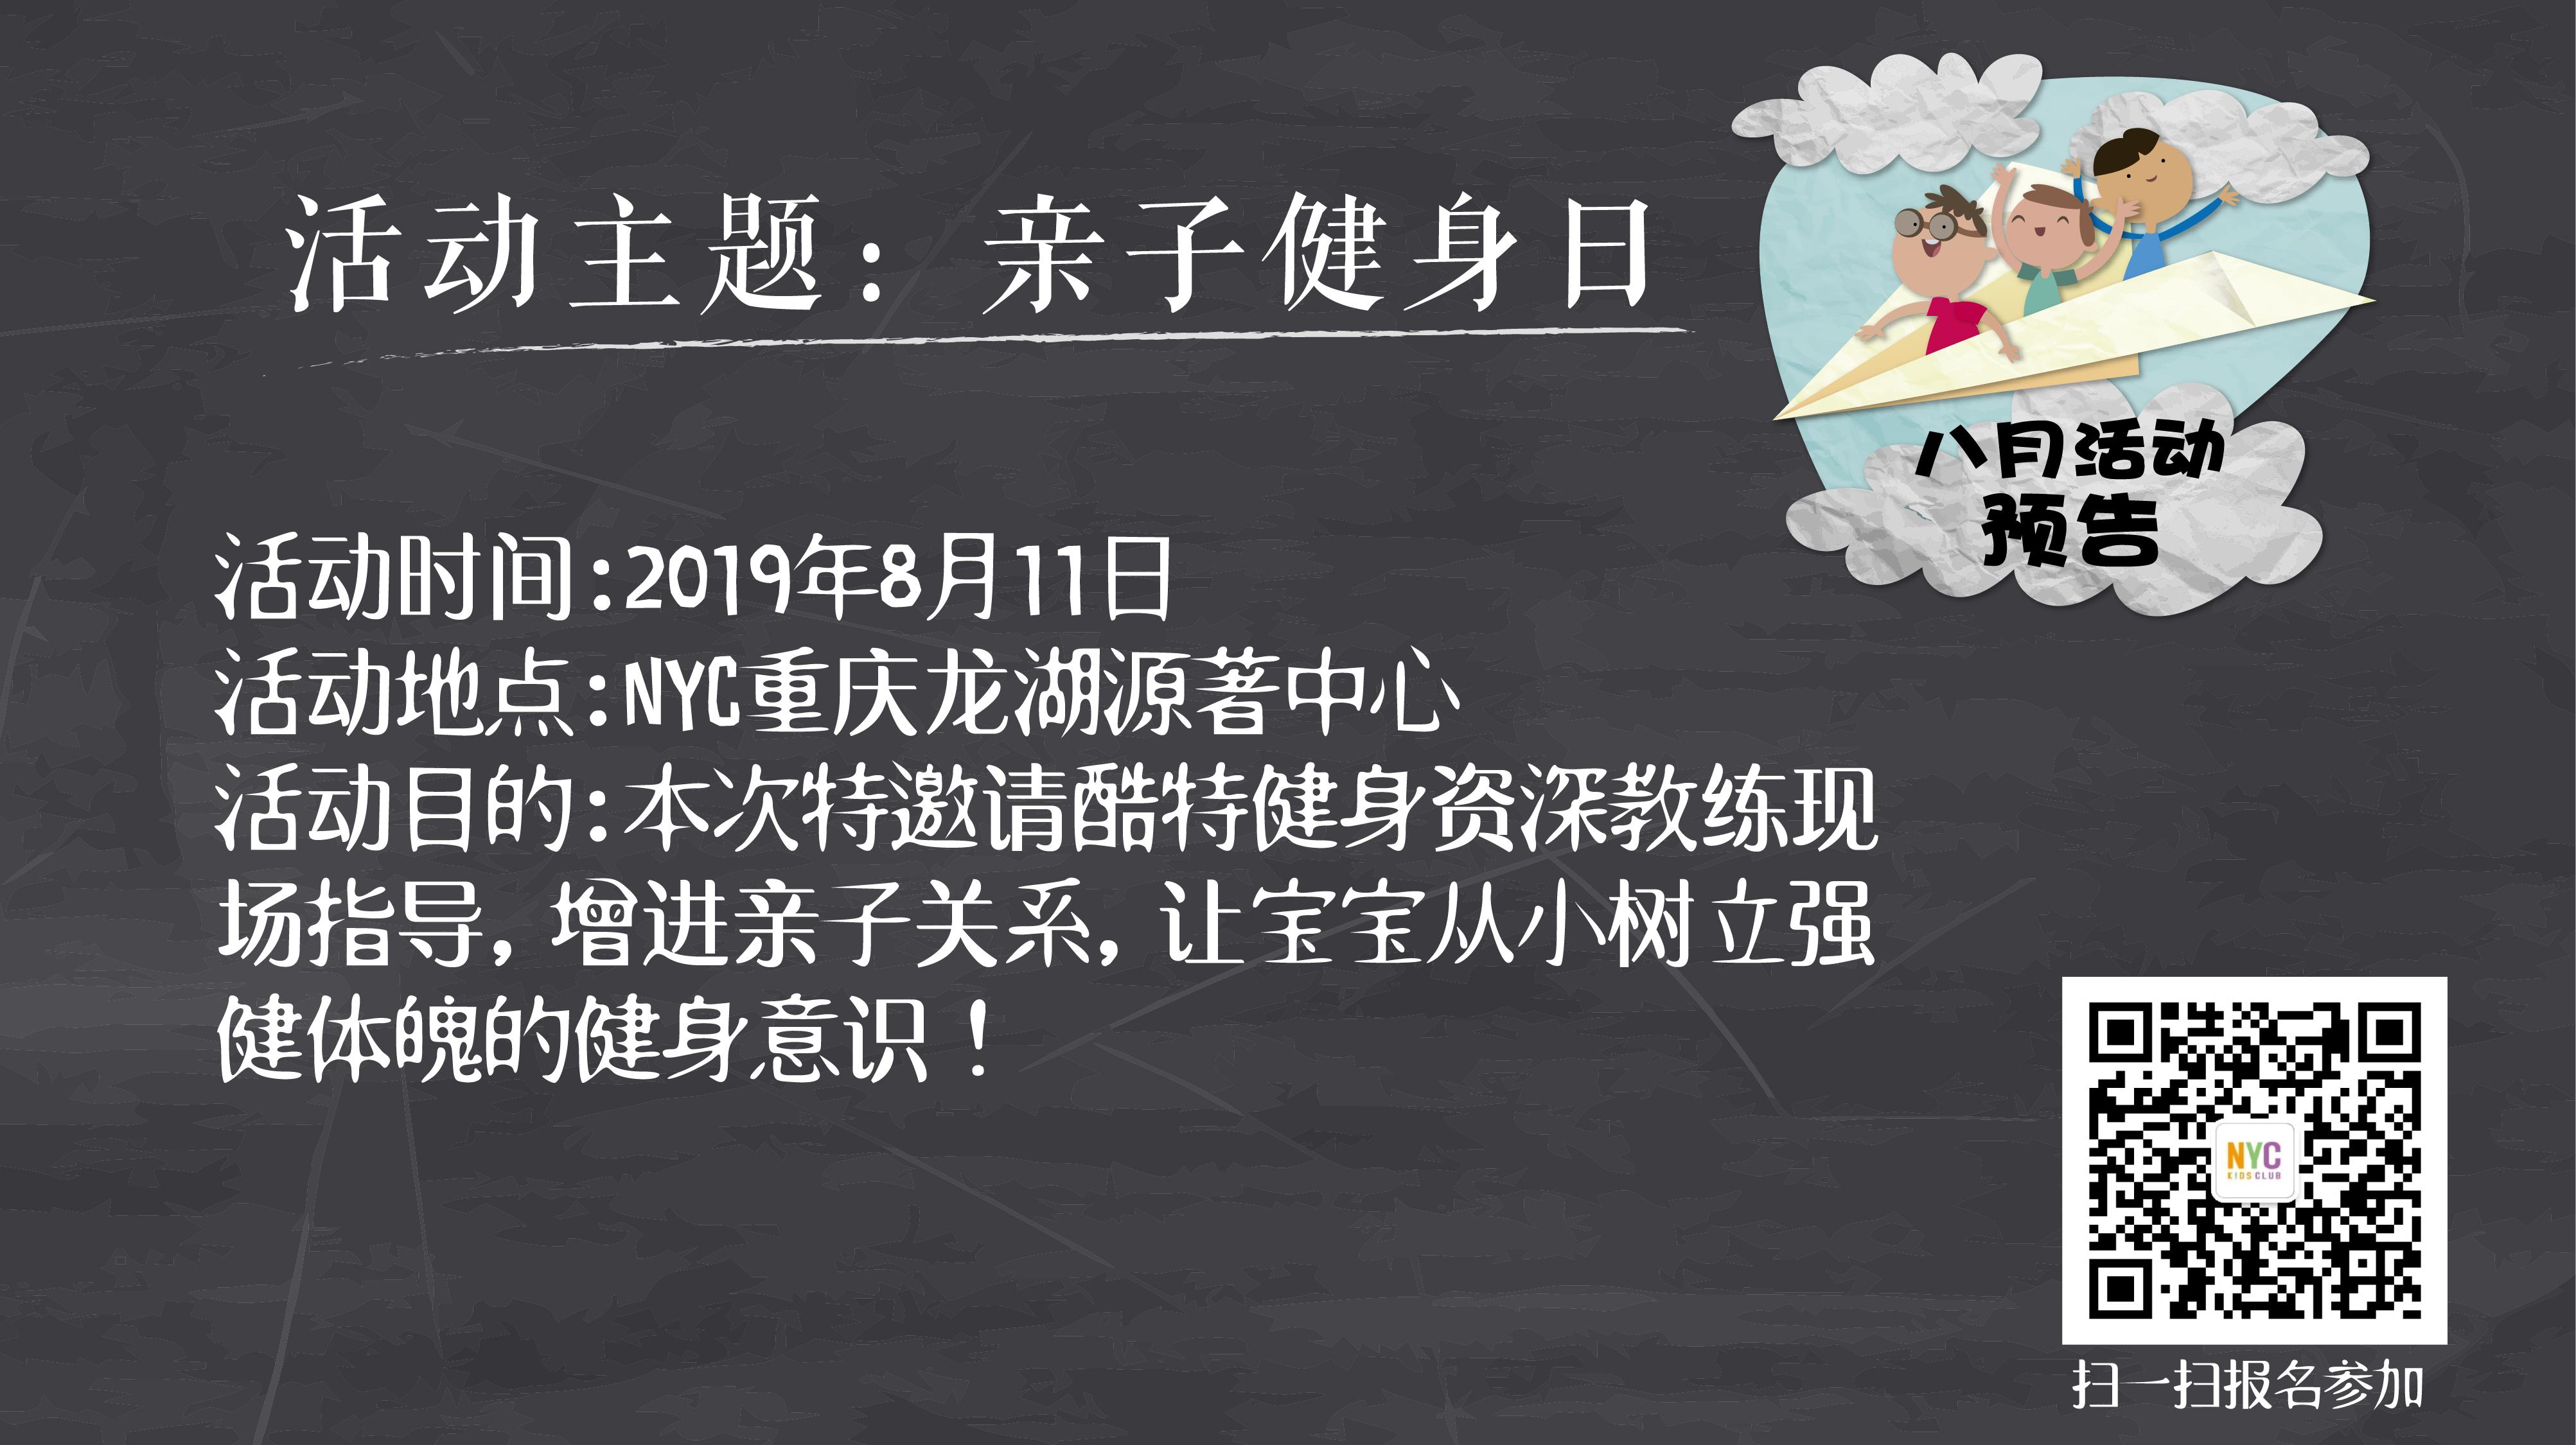 重庆龙湖源著天街中心:8月活动预告